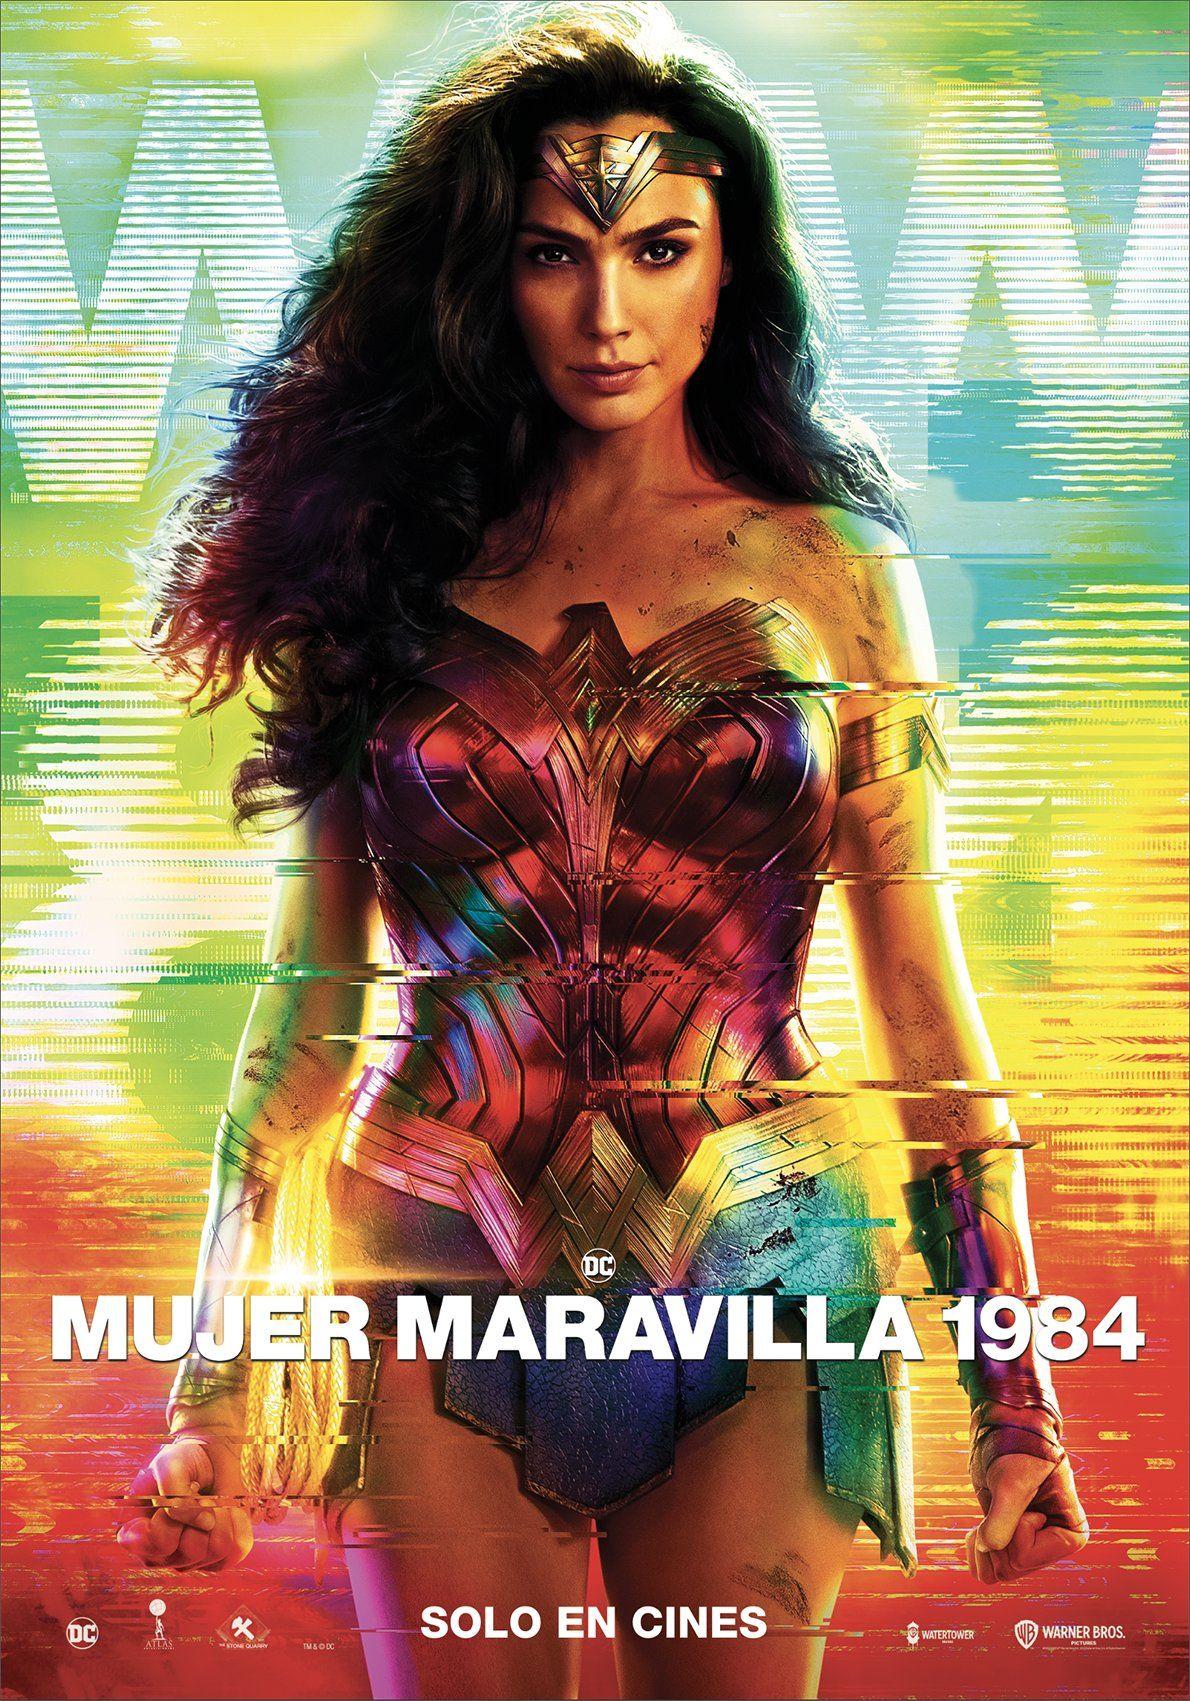 Mujer Maravilla 1984 Poster Final Wonder Woman 1984 Movie Gal Gadot